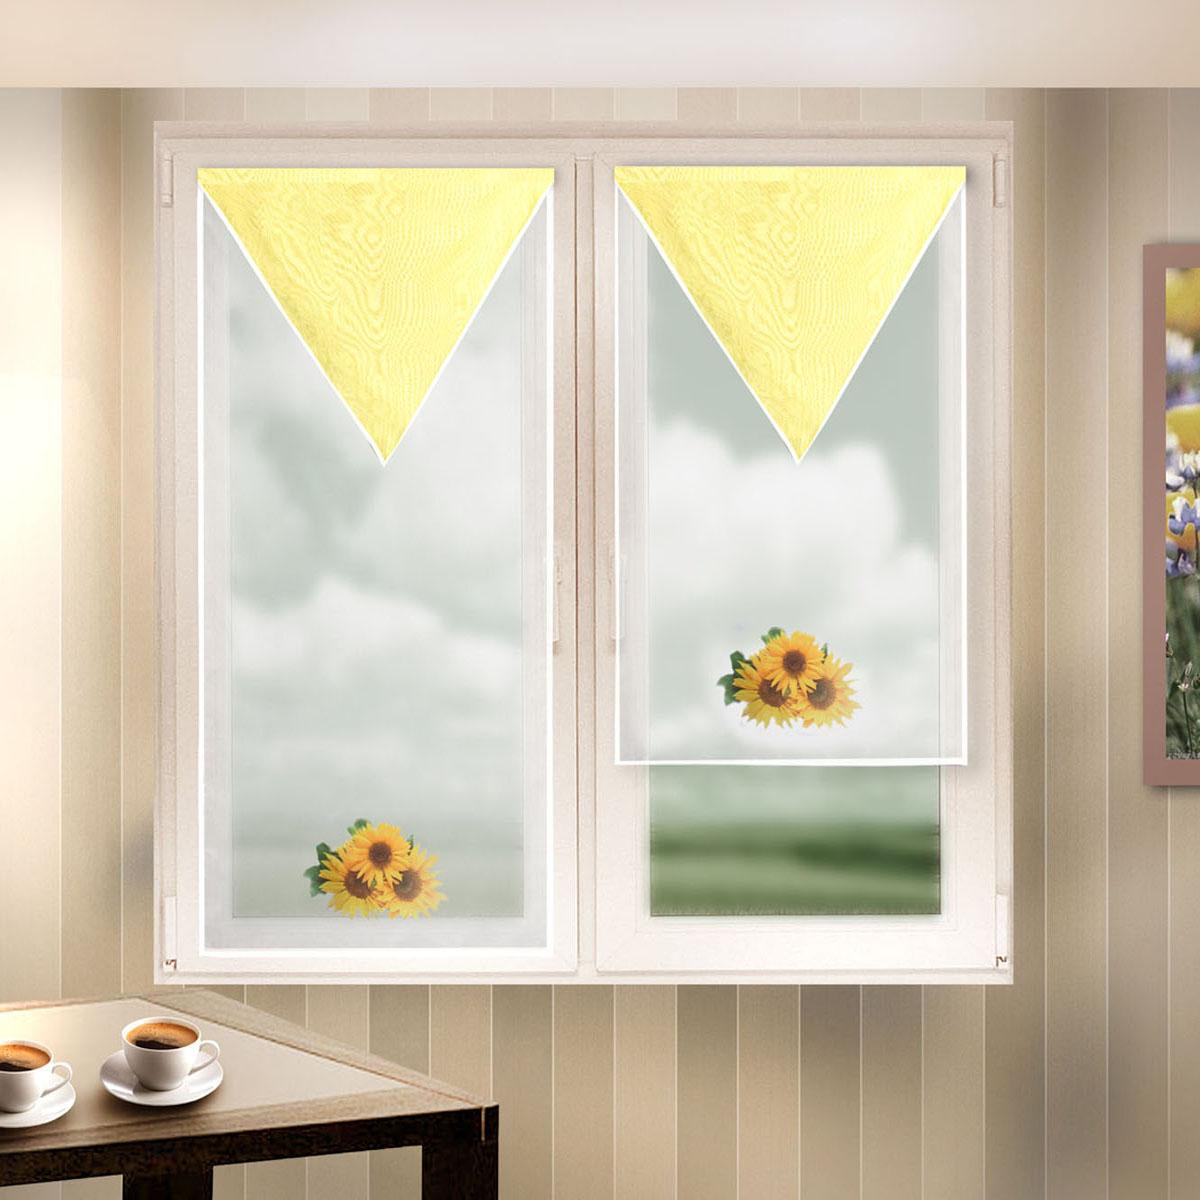 Гардина Zlata Korunka, на липкой ленте, цвет: белый, желтый, высота 90 см и 120 см, 2 шт. 666059-2666059-2Гардина на липкой ленте Zlata Korunka, изготовленная из легкого полиэстера, станет великолепным украшением любого окна. Полотно из белой вуали с печатным рисунком привлечет к себе внимание и органично впишется в интерьер комнаты. Крепление на липкой ленте, не требующее сверления стен и карниза. Многоразовое и мгновенное крепление.